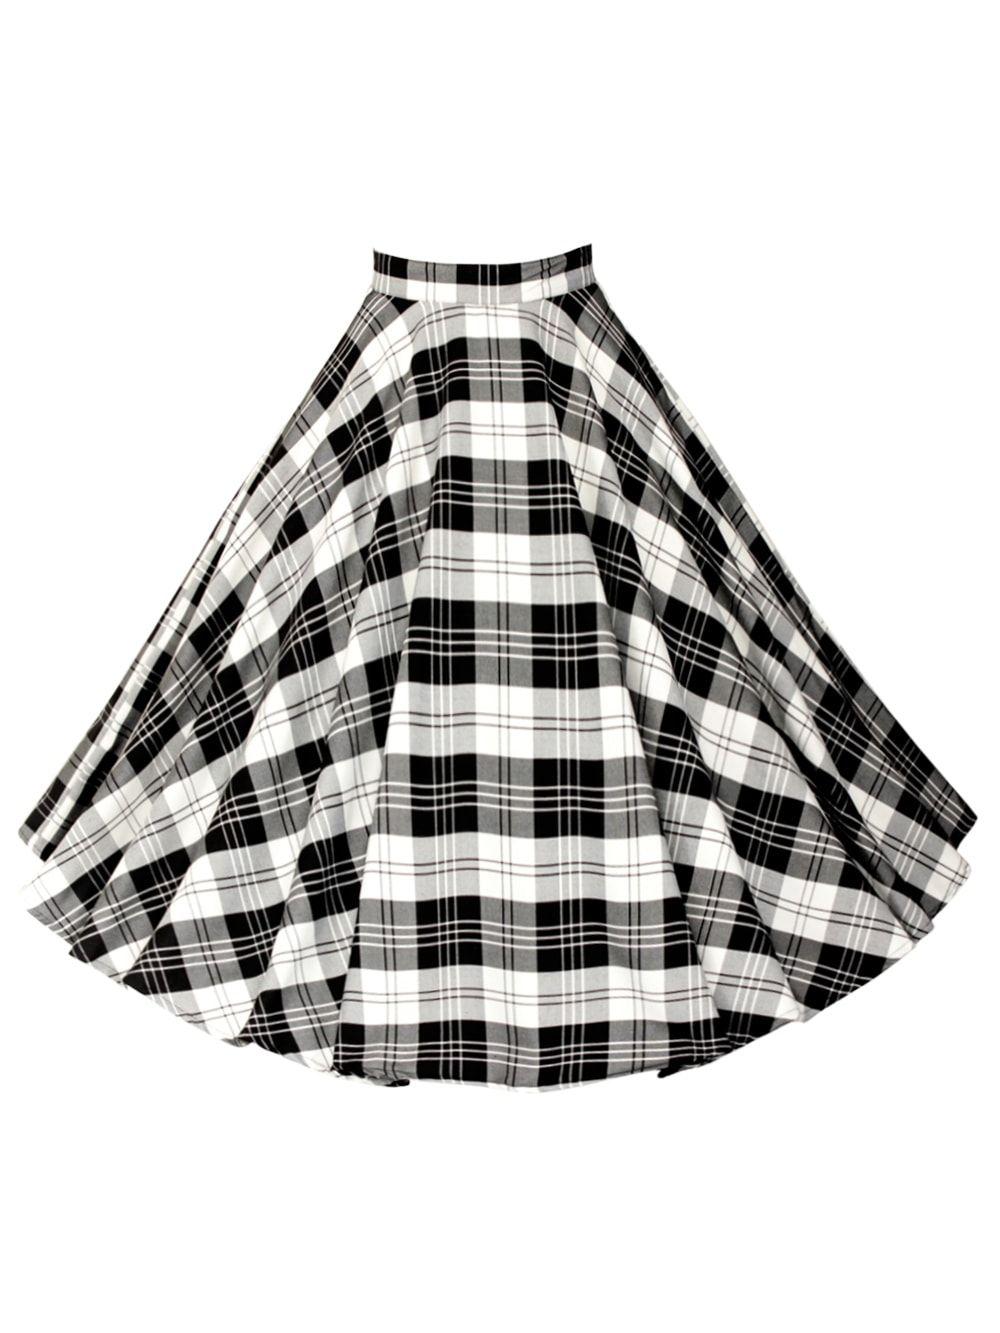 Repro-1950s-Circle-Skirt-Black-White-Tartan-Rockabilly-Swing-Pinup